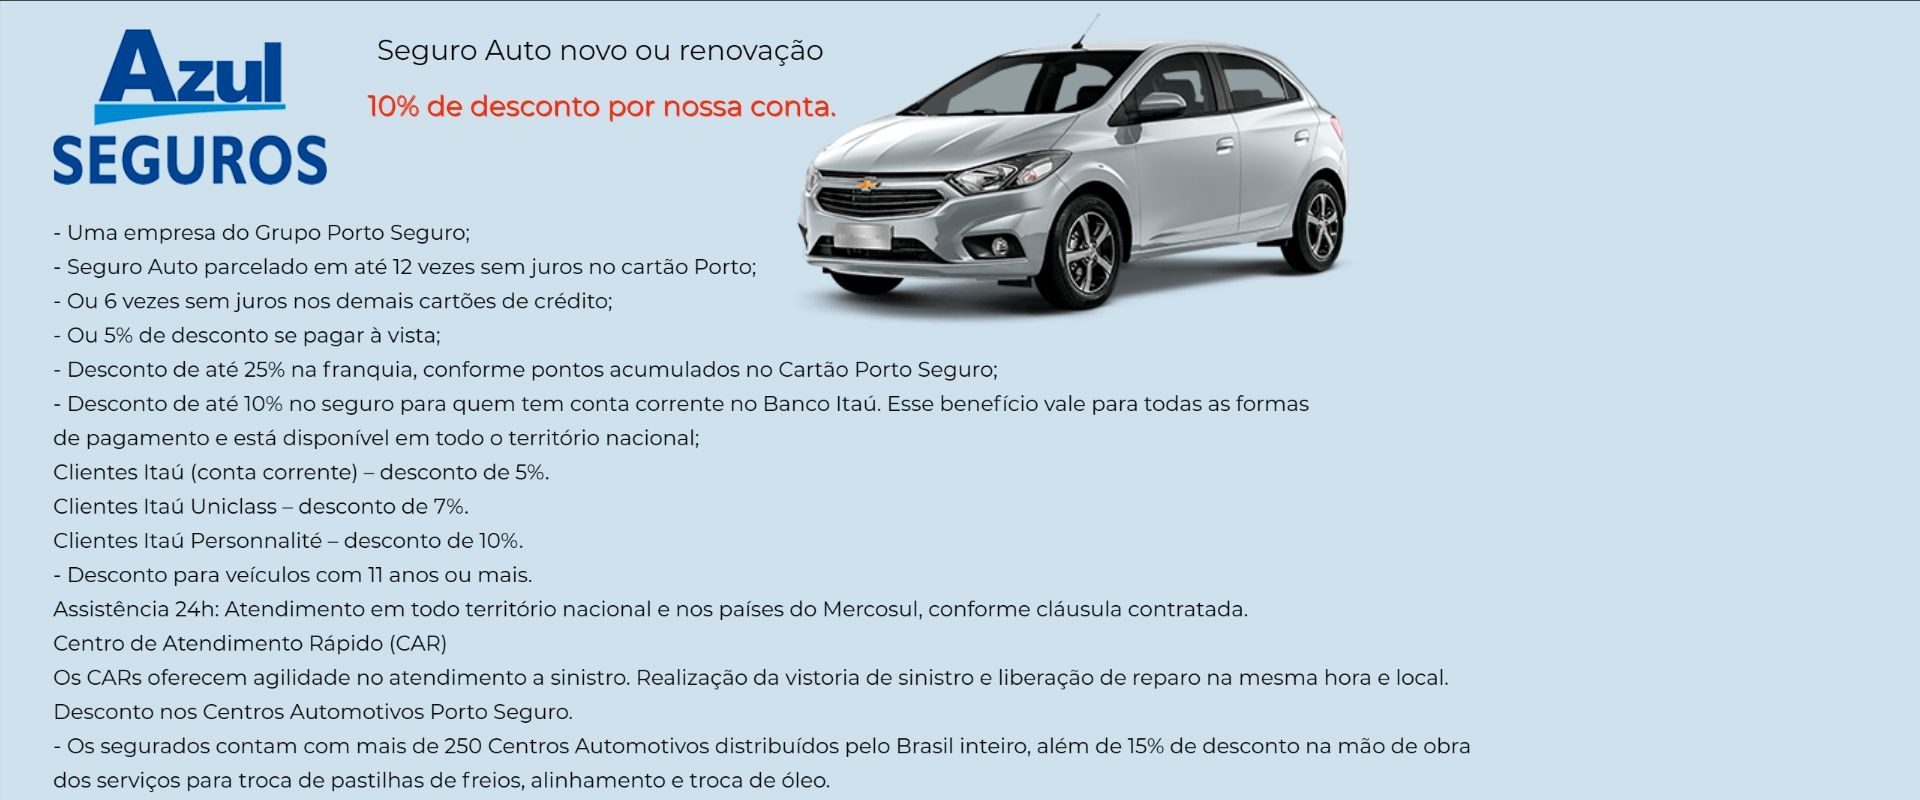 Azul Seguro Auto com Desconto em São Caetano do Sul